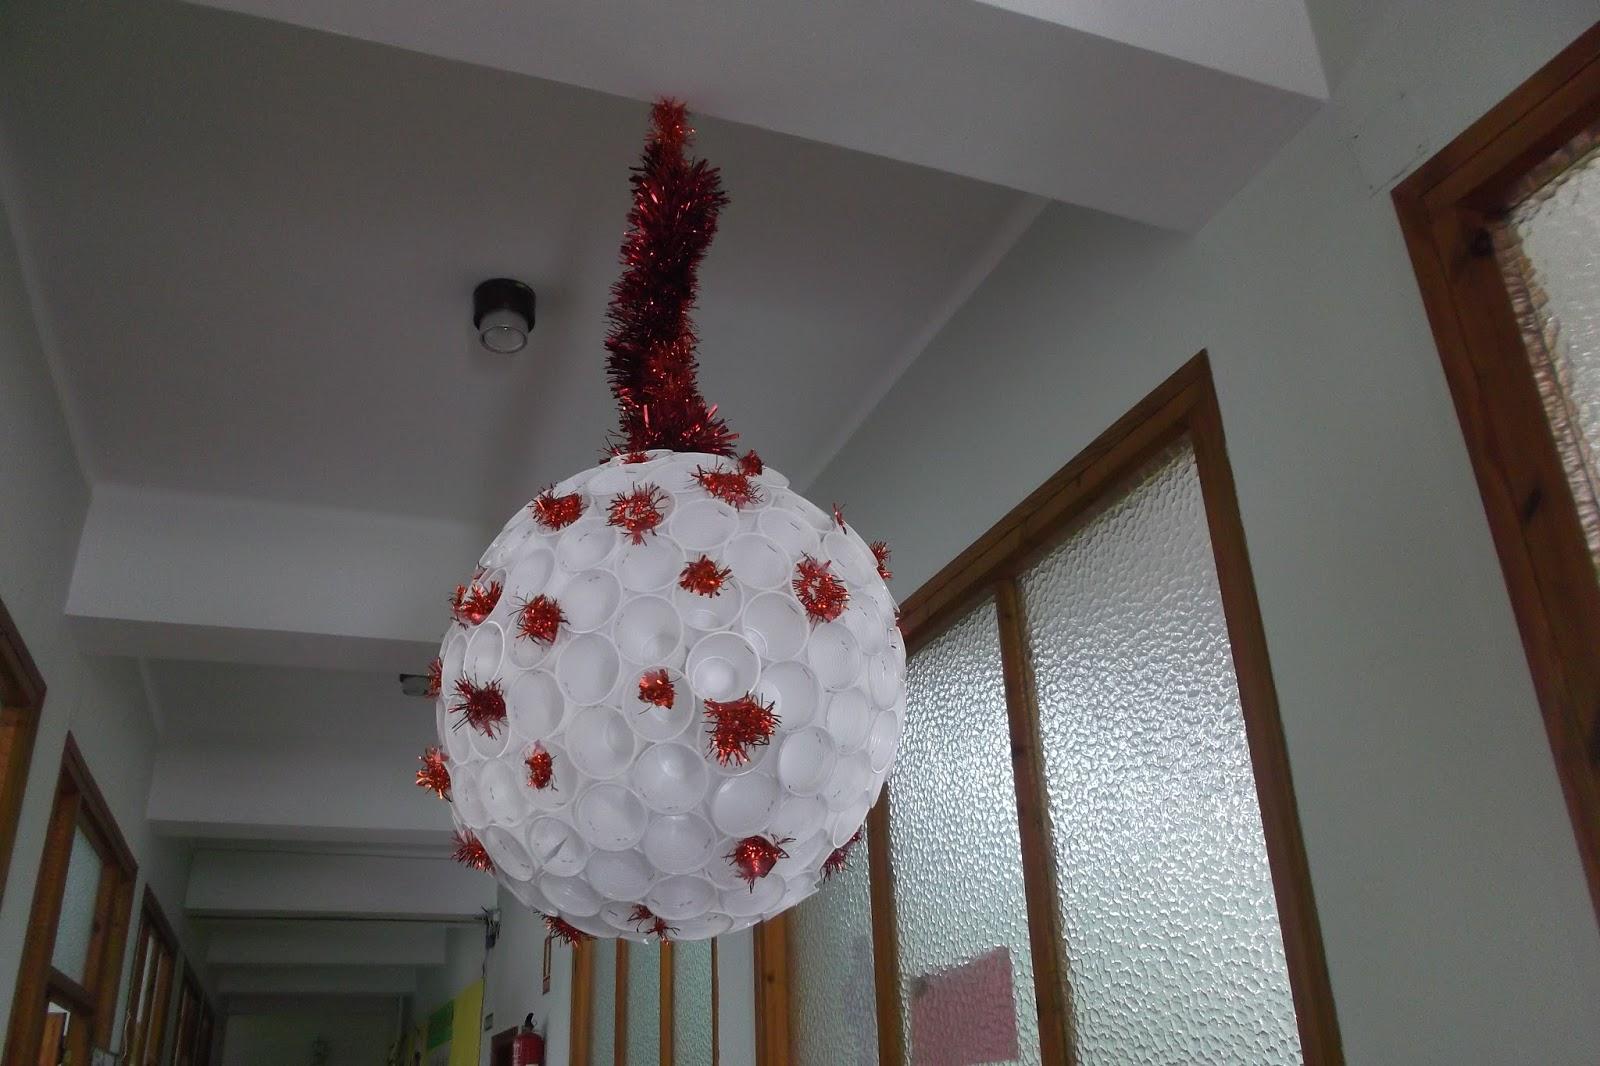 Llego La Navidad Colegio Santa Ana Huesca - Arbol-de-navidad-con-vasos-de-plastico